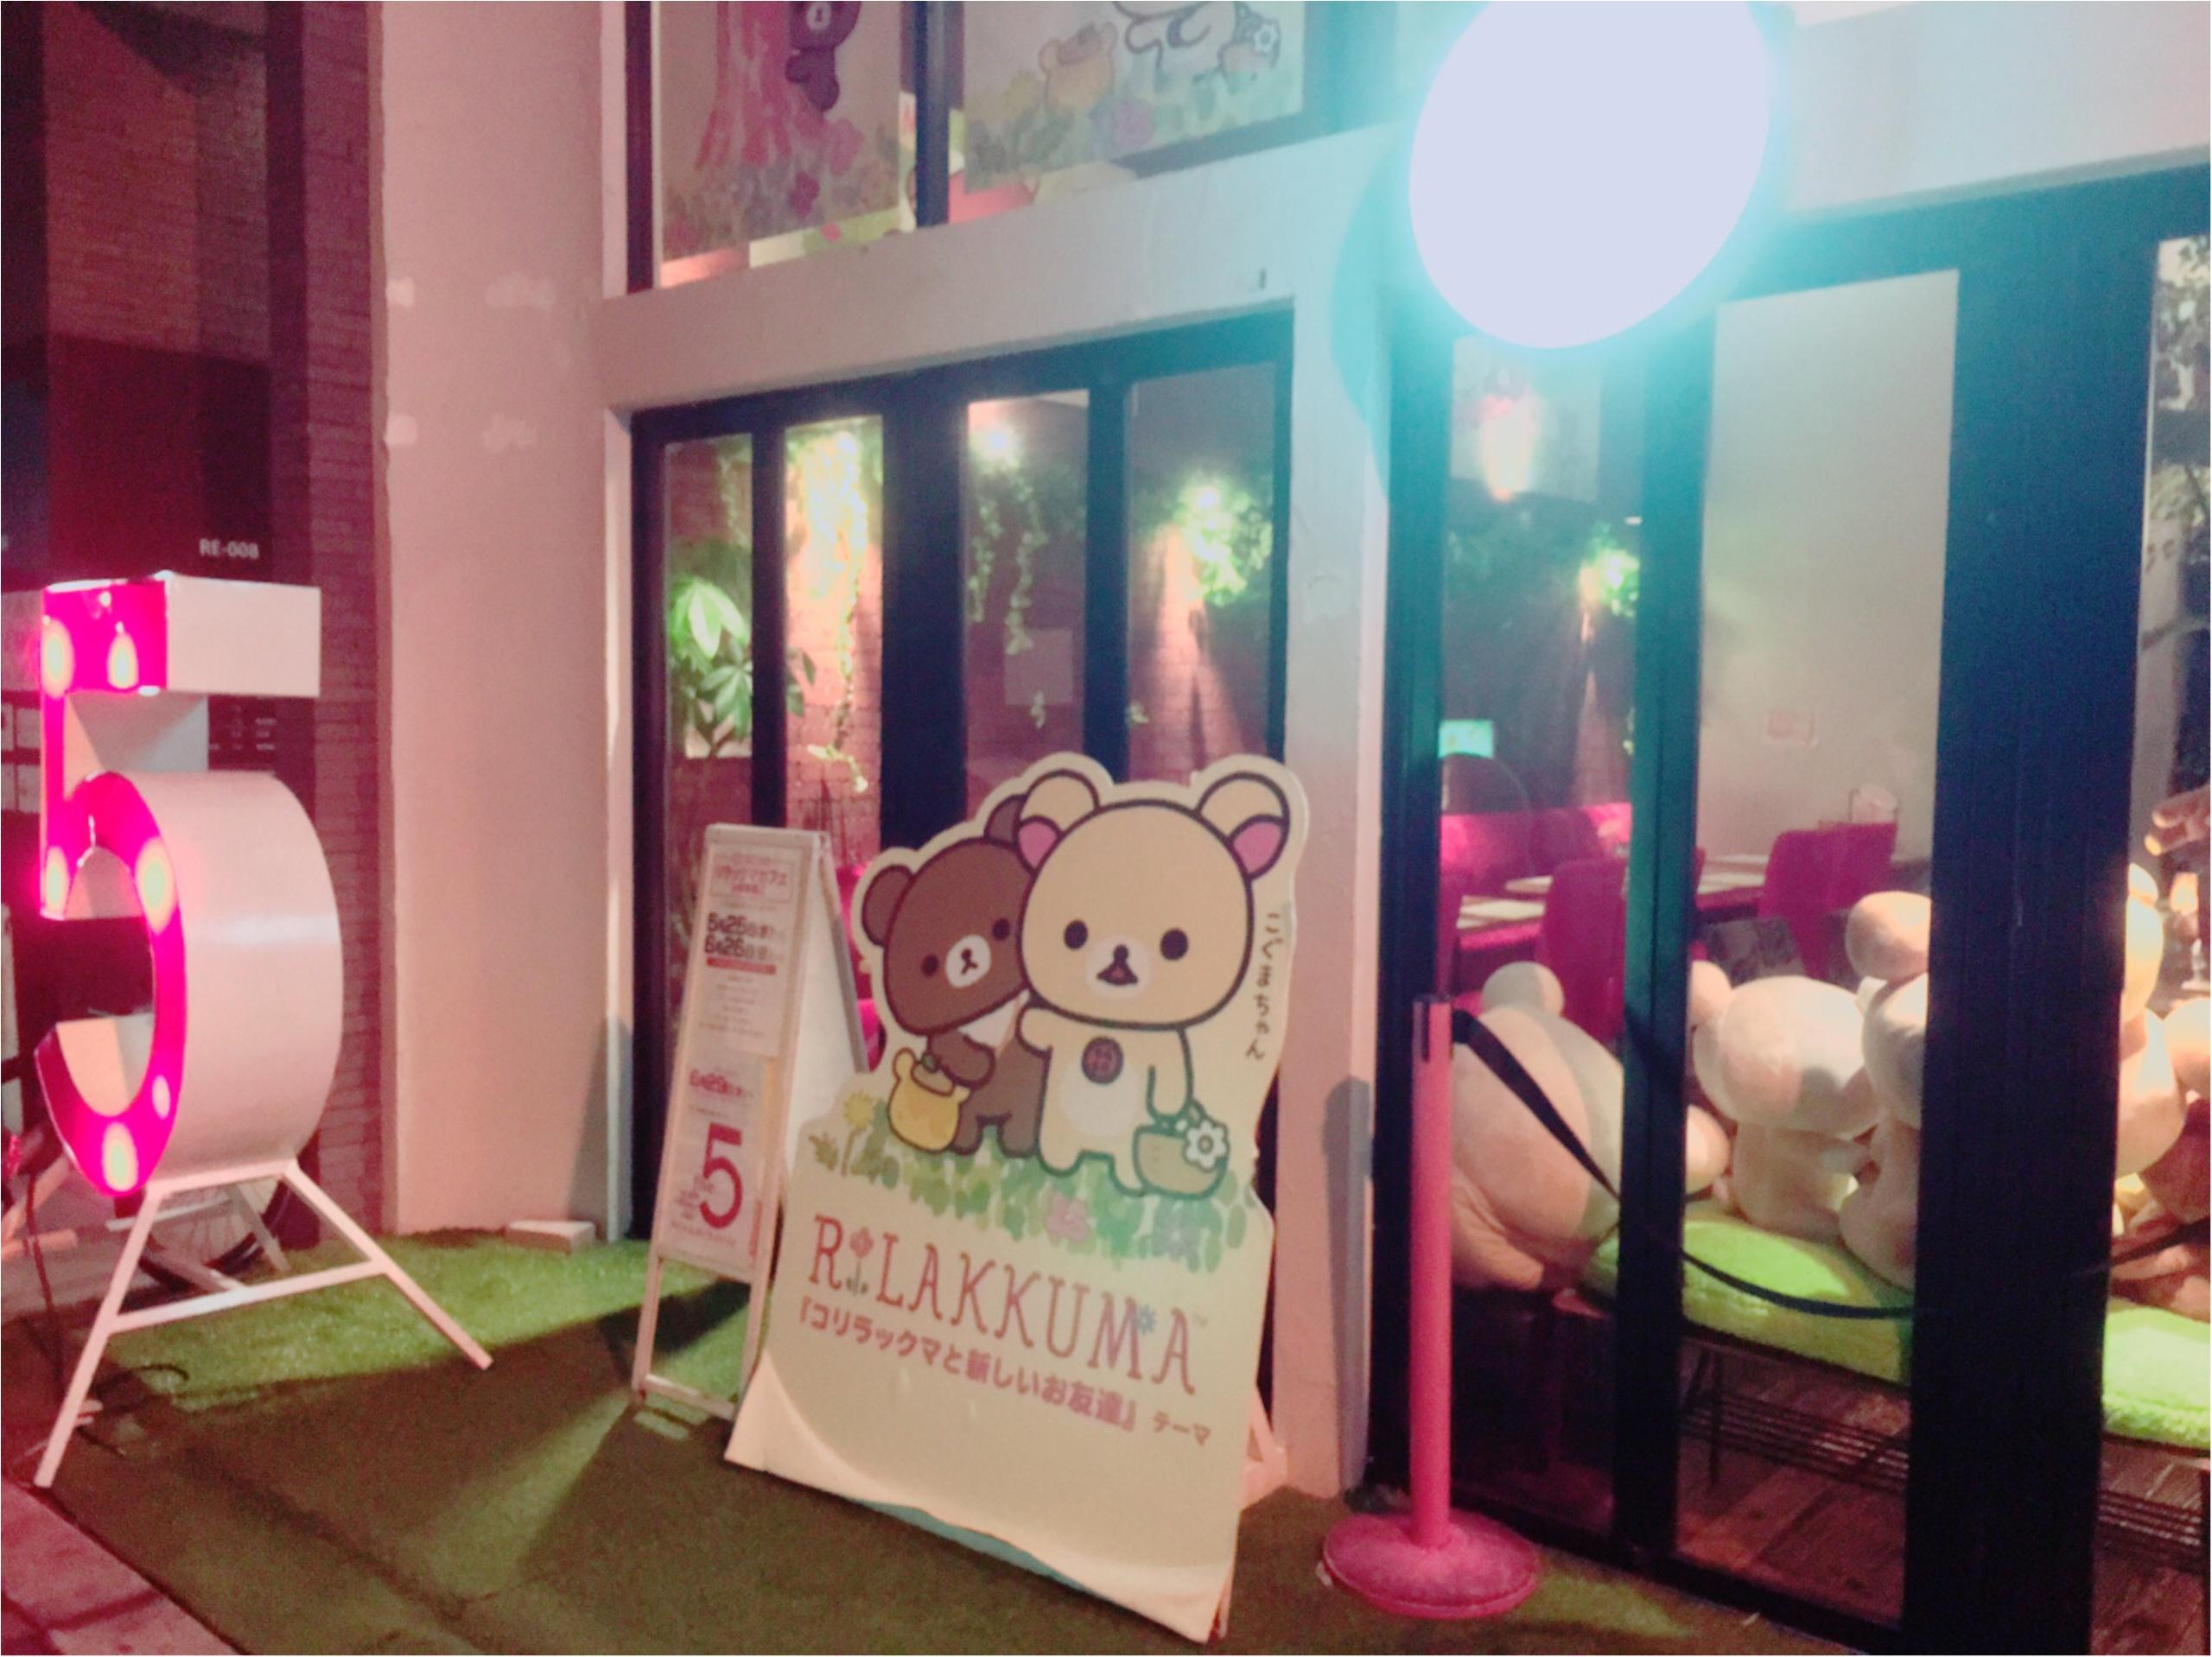 もう予約した?大阪に上陸したリラックマカフェがかわいすぎっ♡byみそ_1